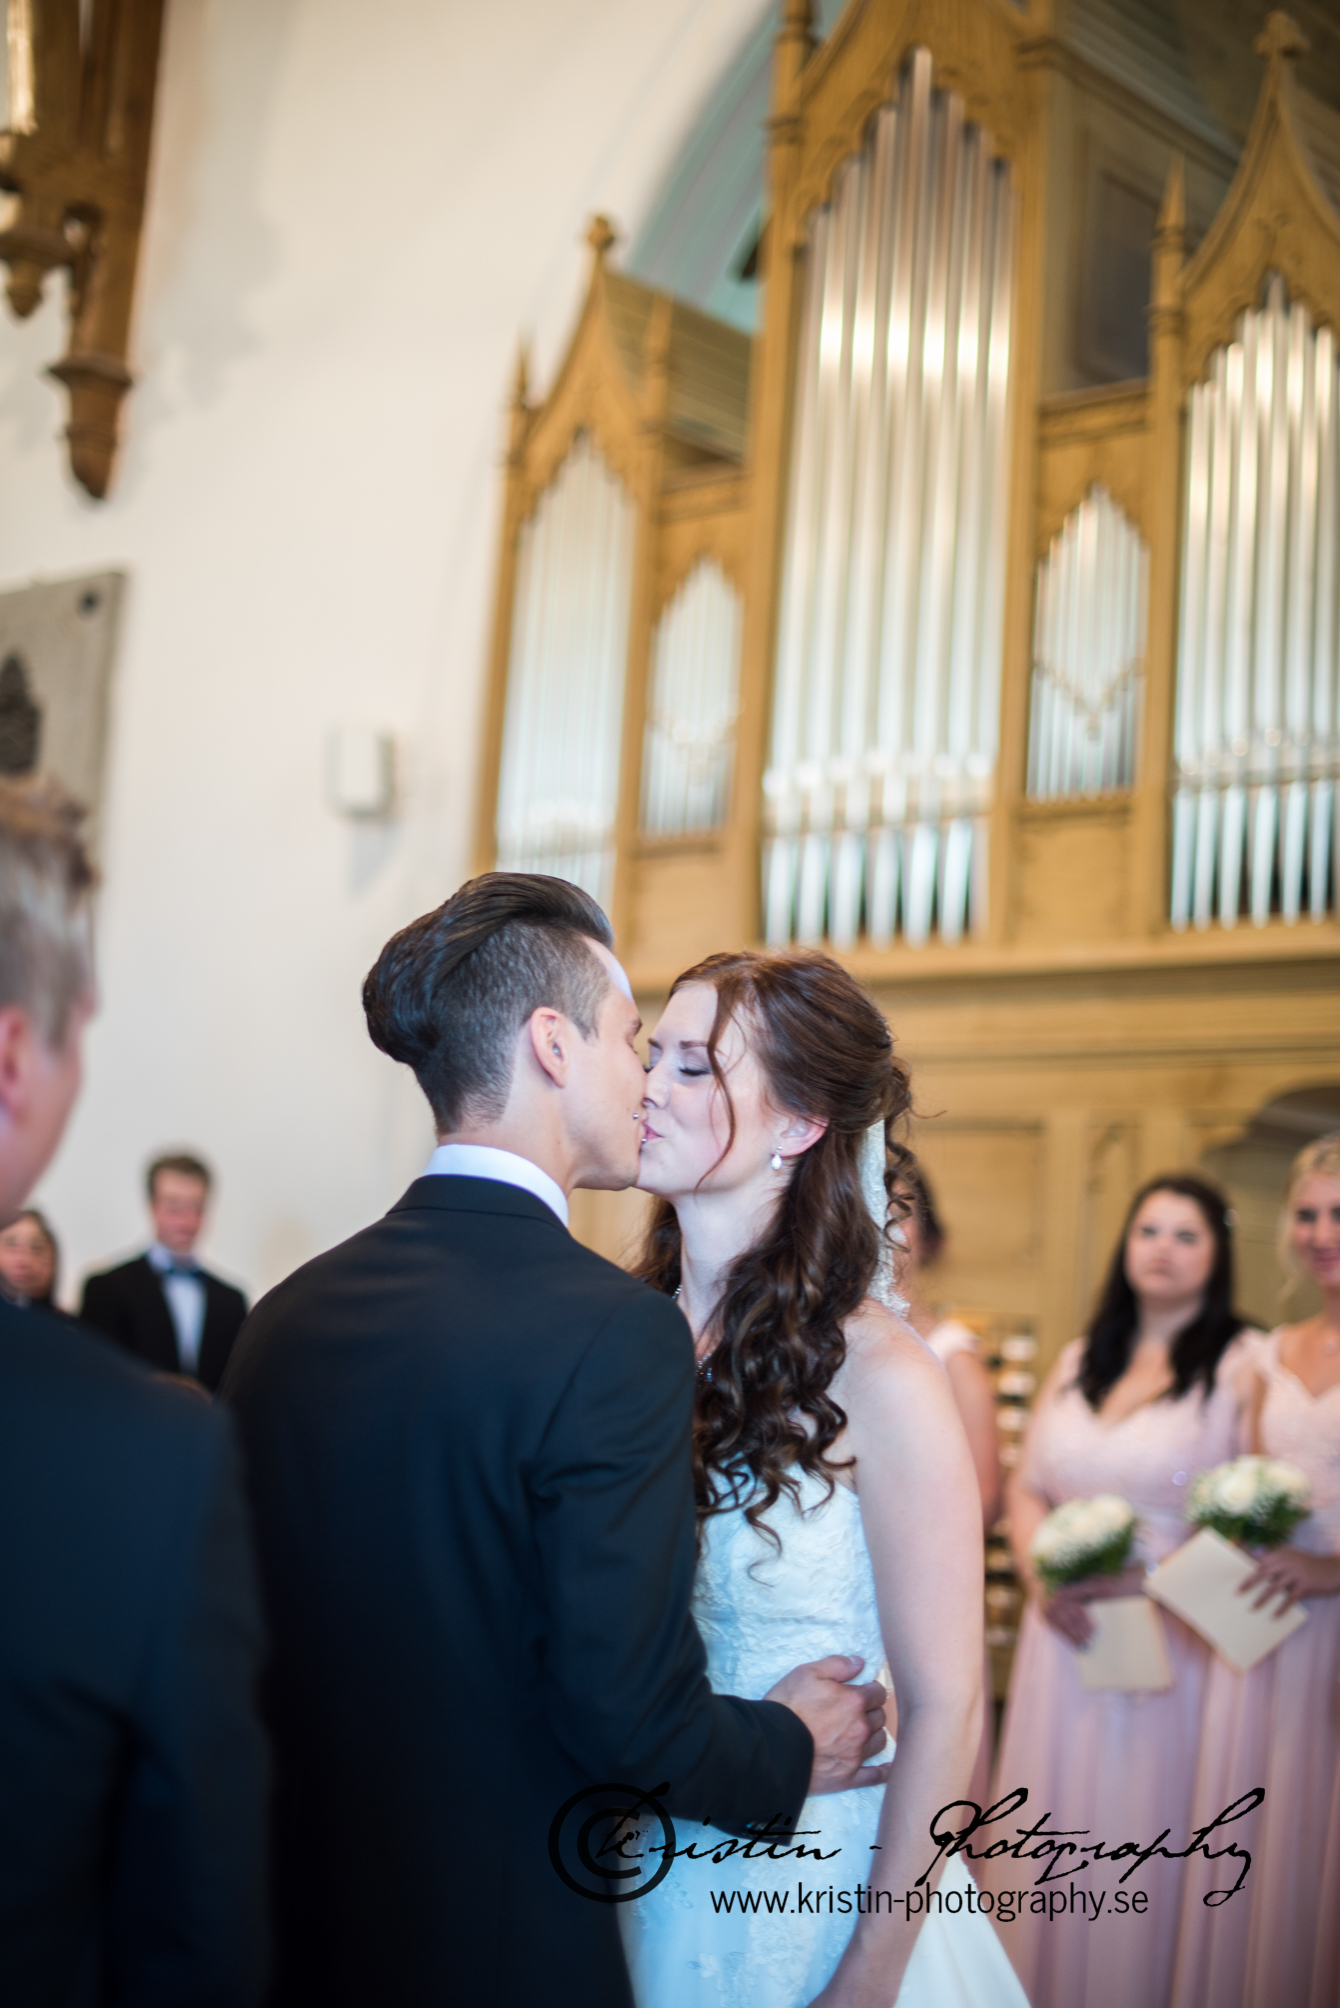 Bröllopsfotograf i Eskilstuna, Kristin - Photography, weddingphotographer -170.jpg